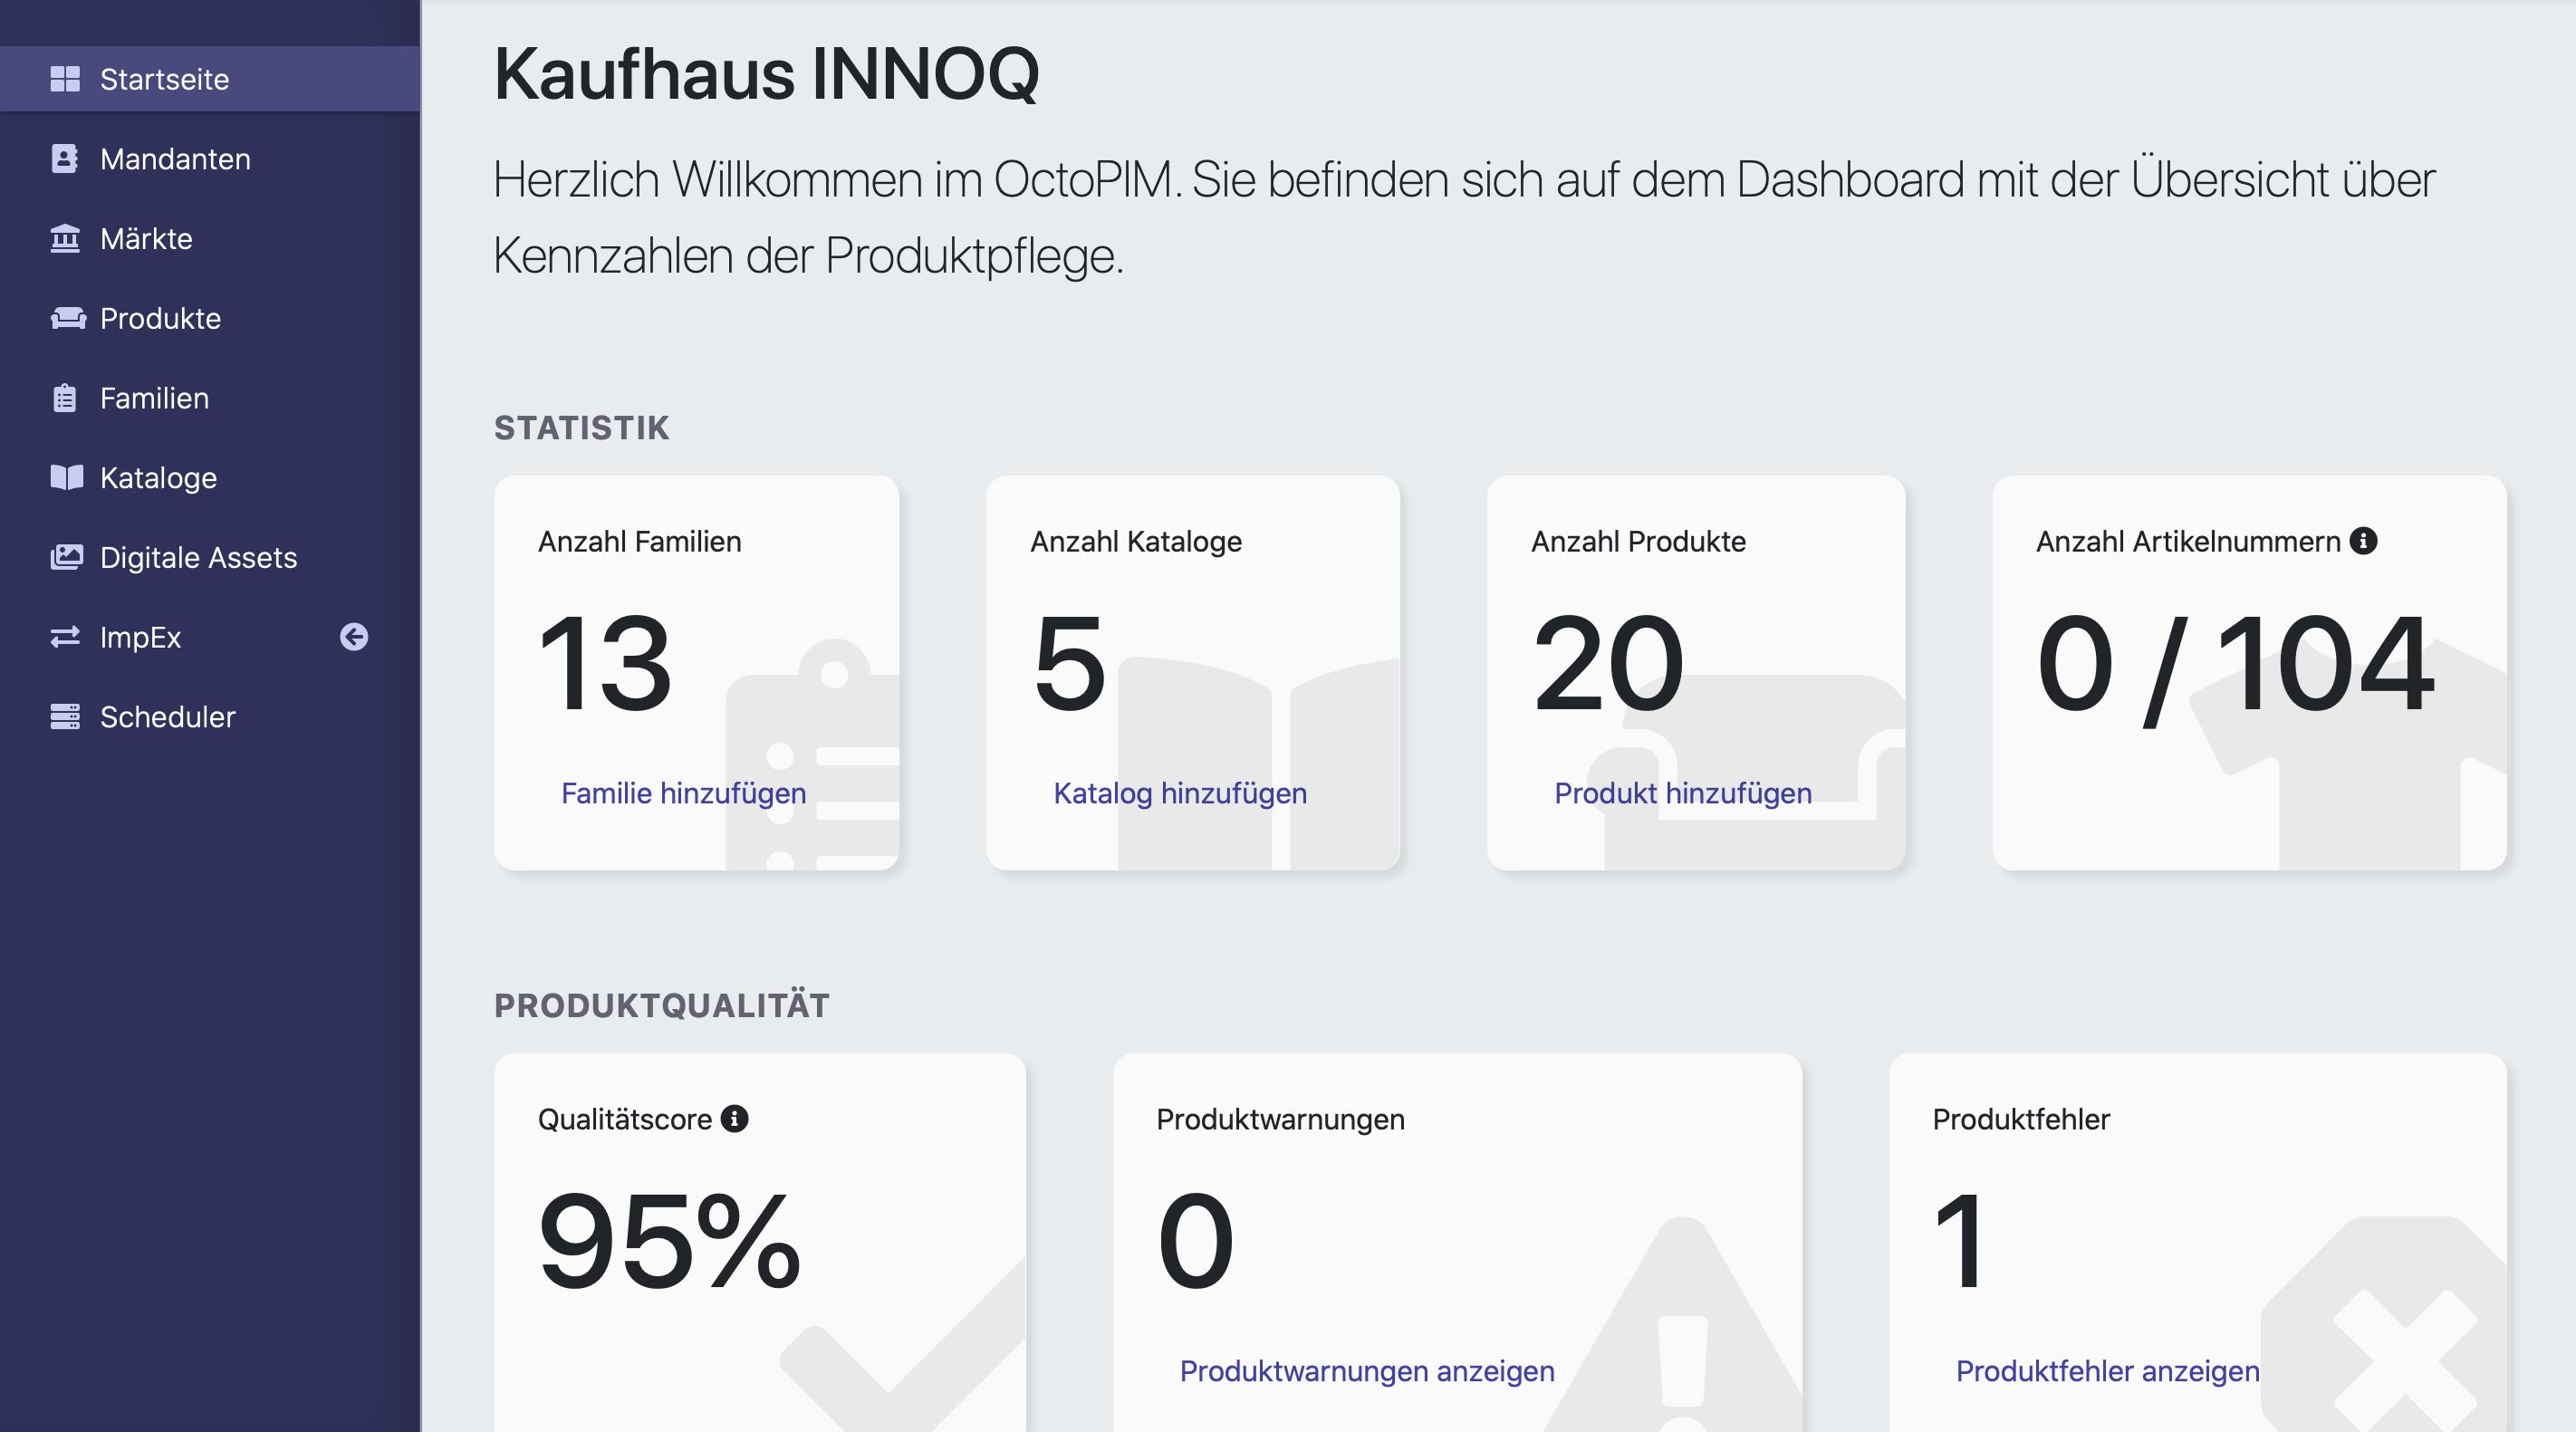 Das Dashboard im OctoPIM. Zu sehen sind das Menü, die Statistik und die Produktqualität.